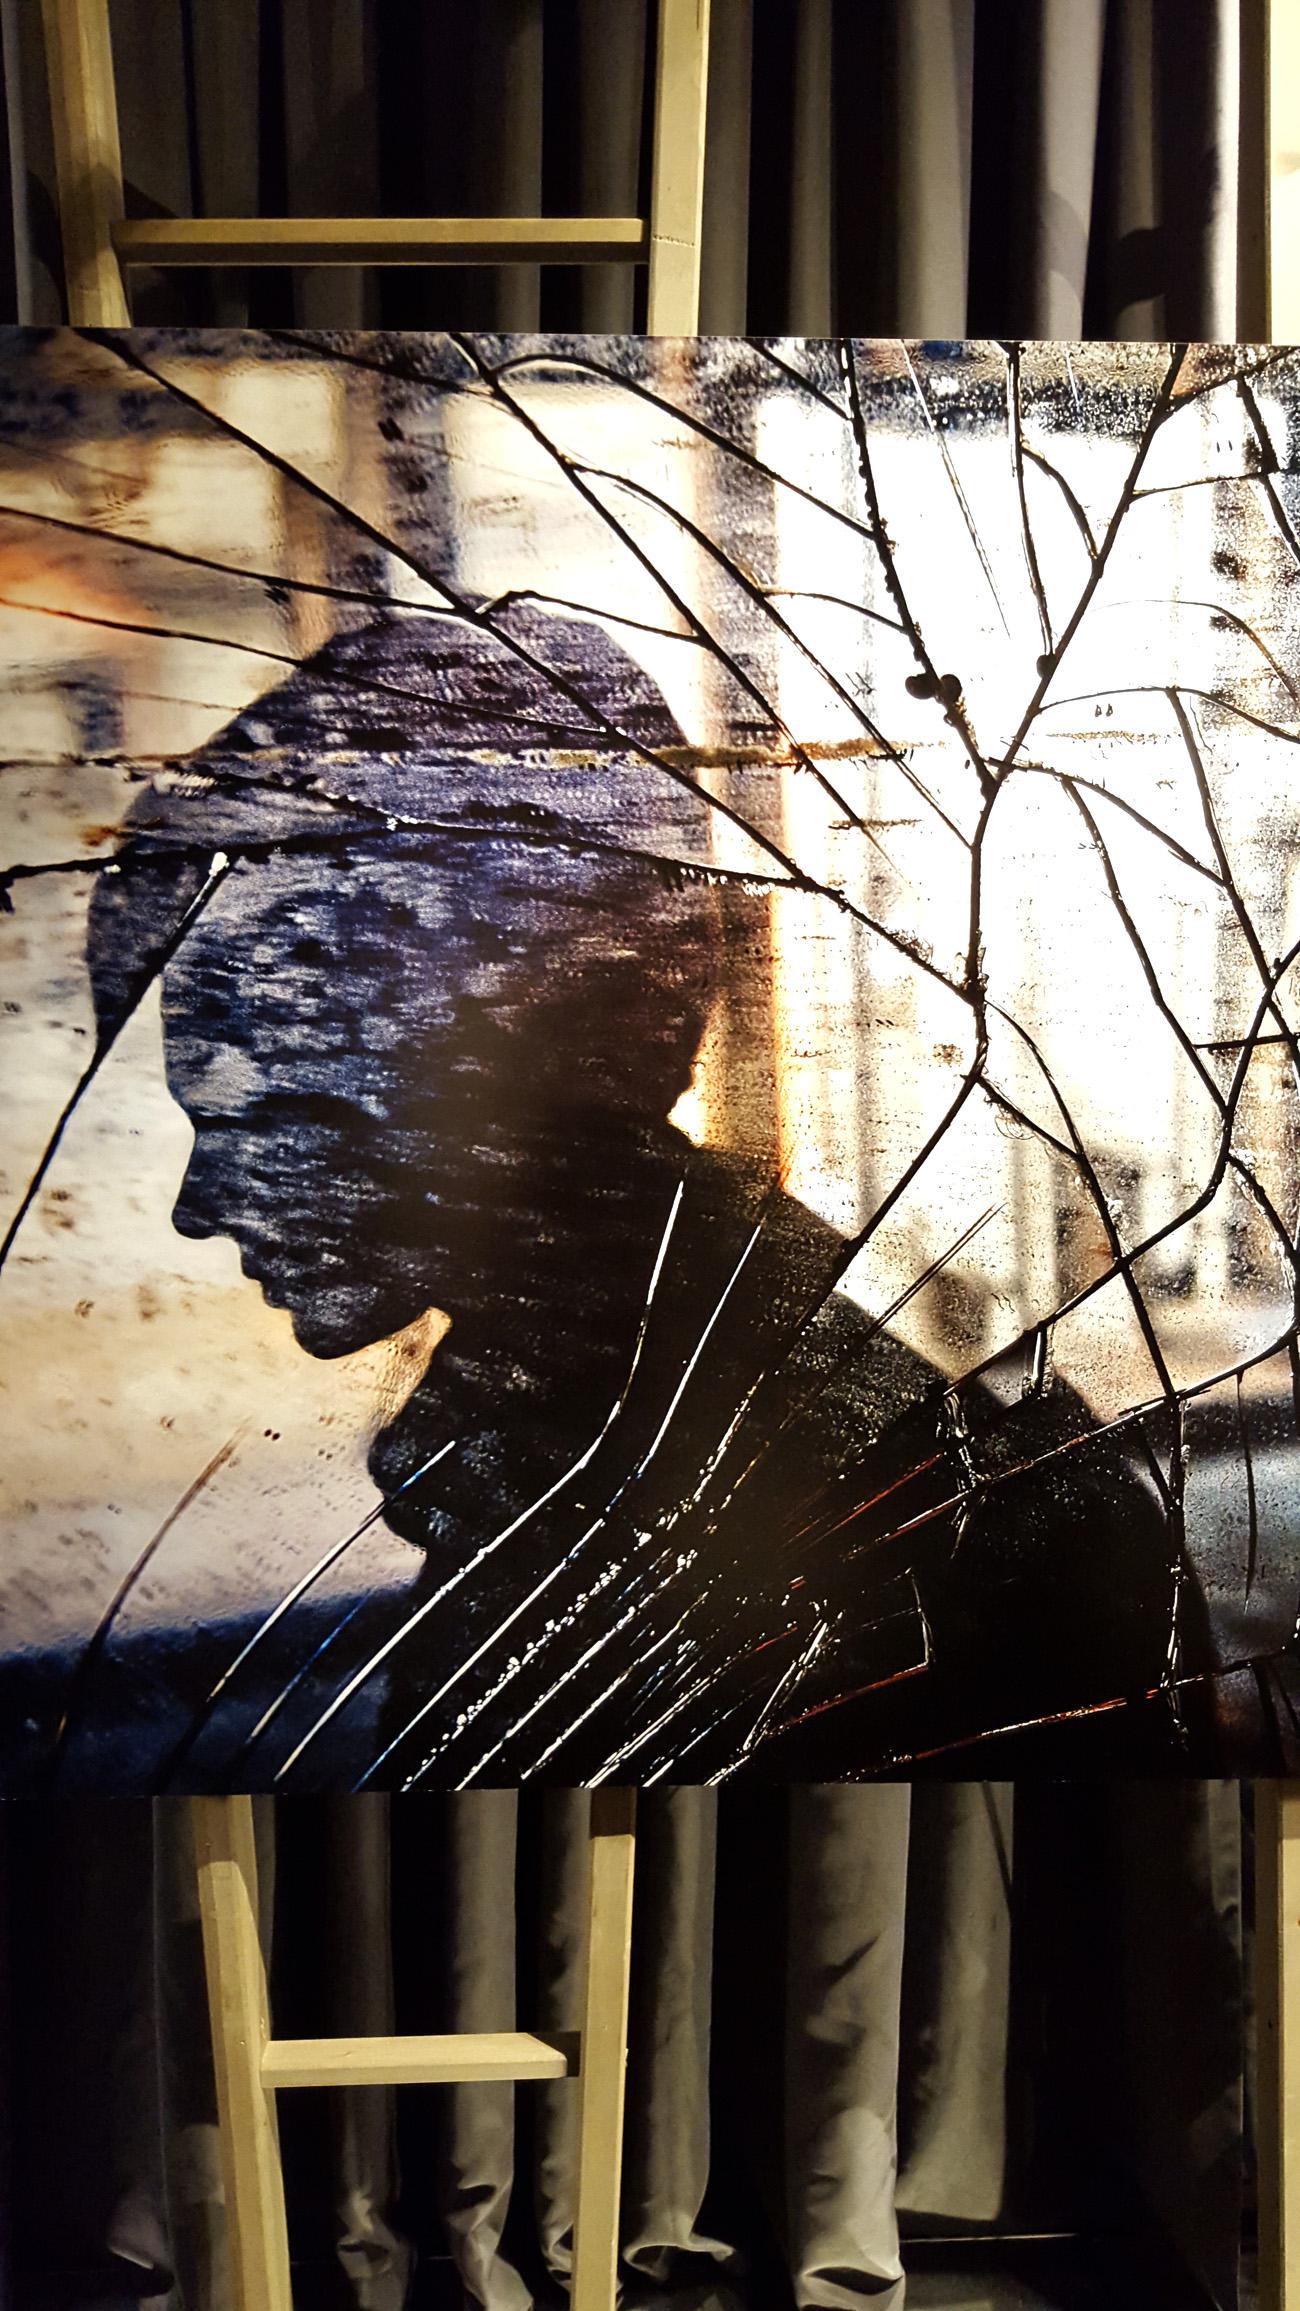 Valentina chittano lasciatemi scrivere lo specchio rotto - Specchio rotto sfortuna ...